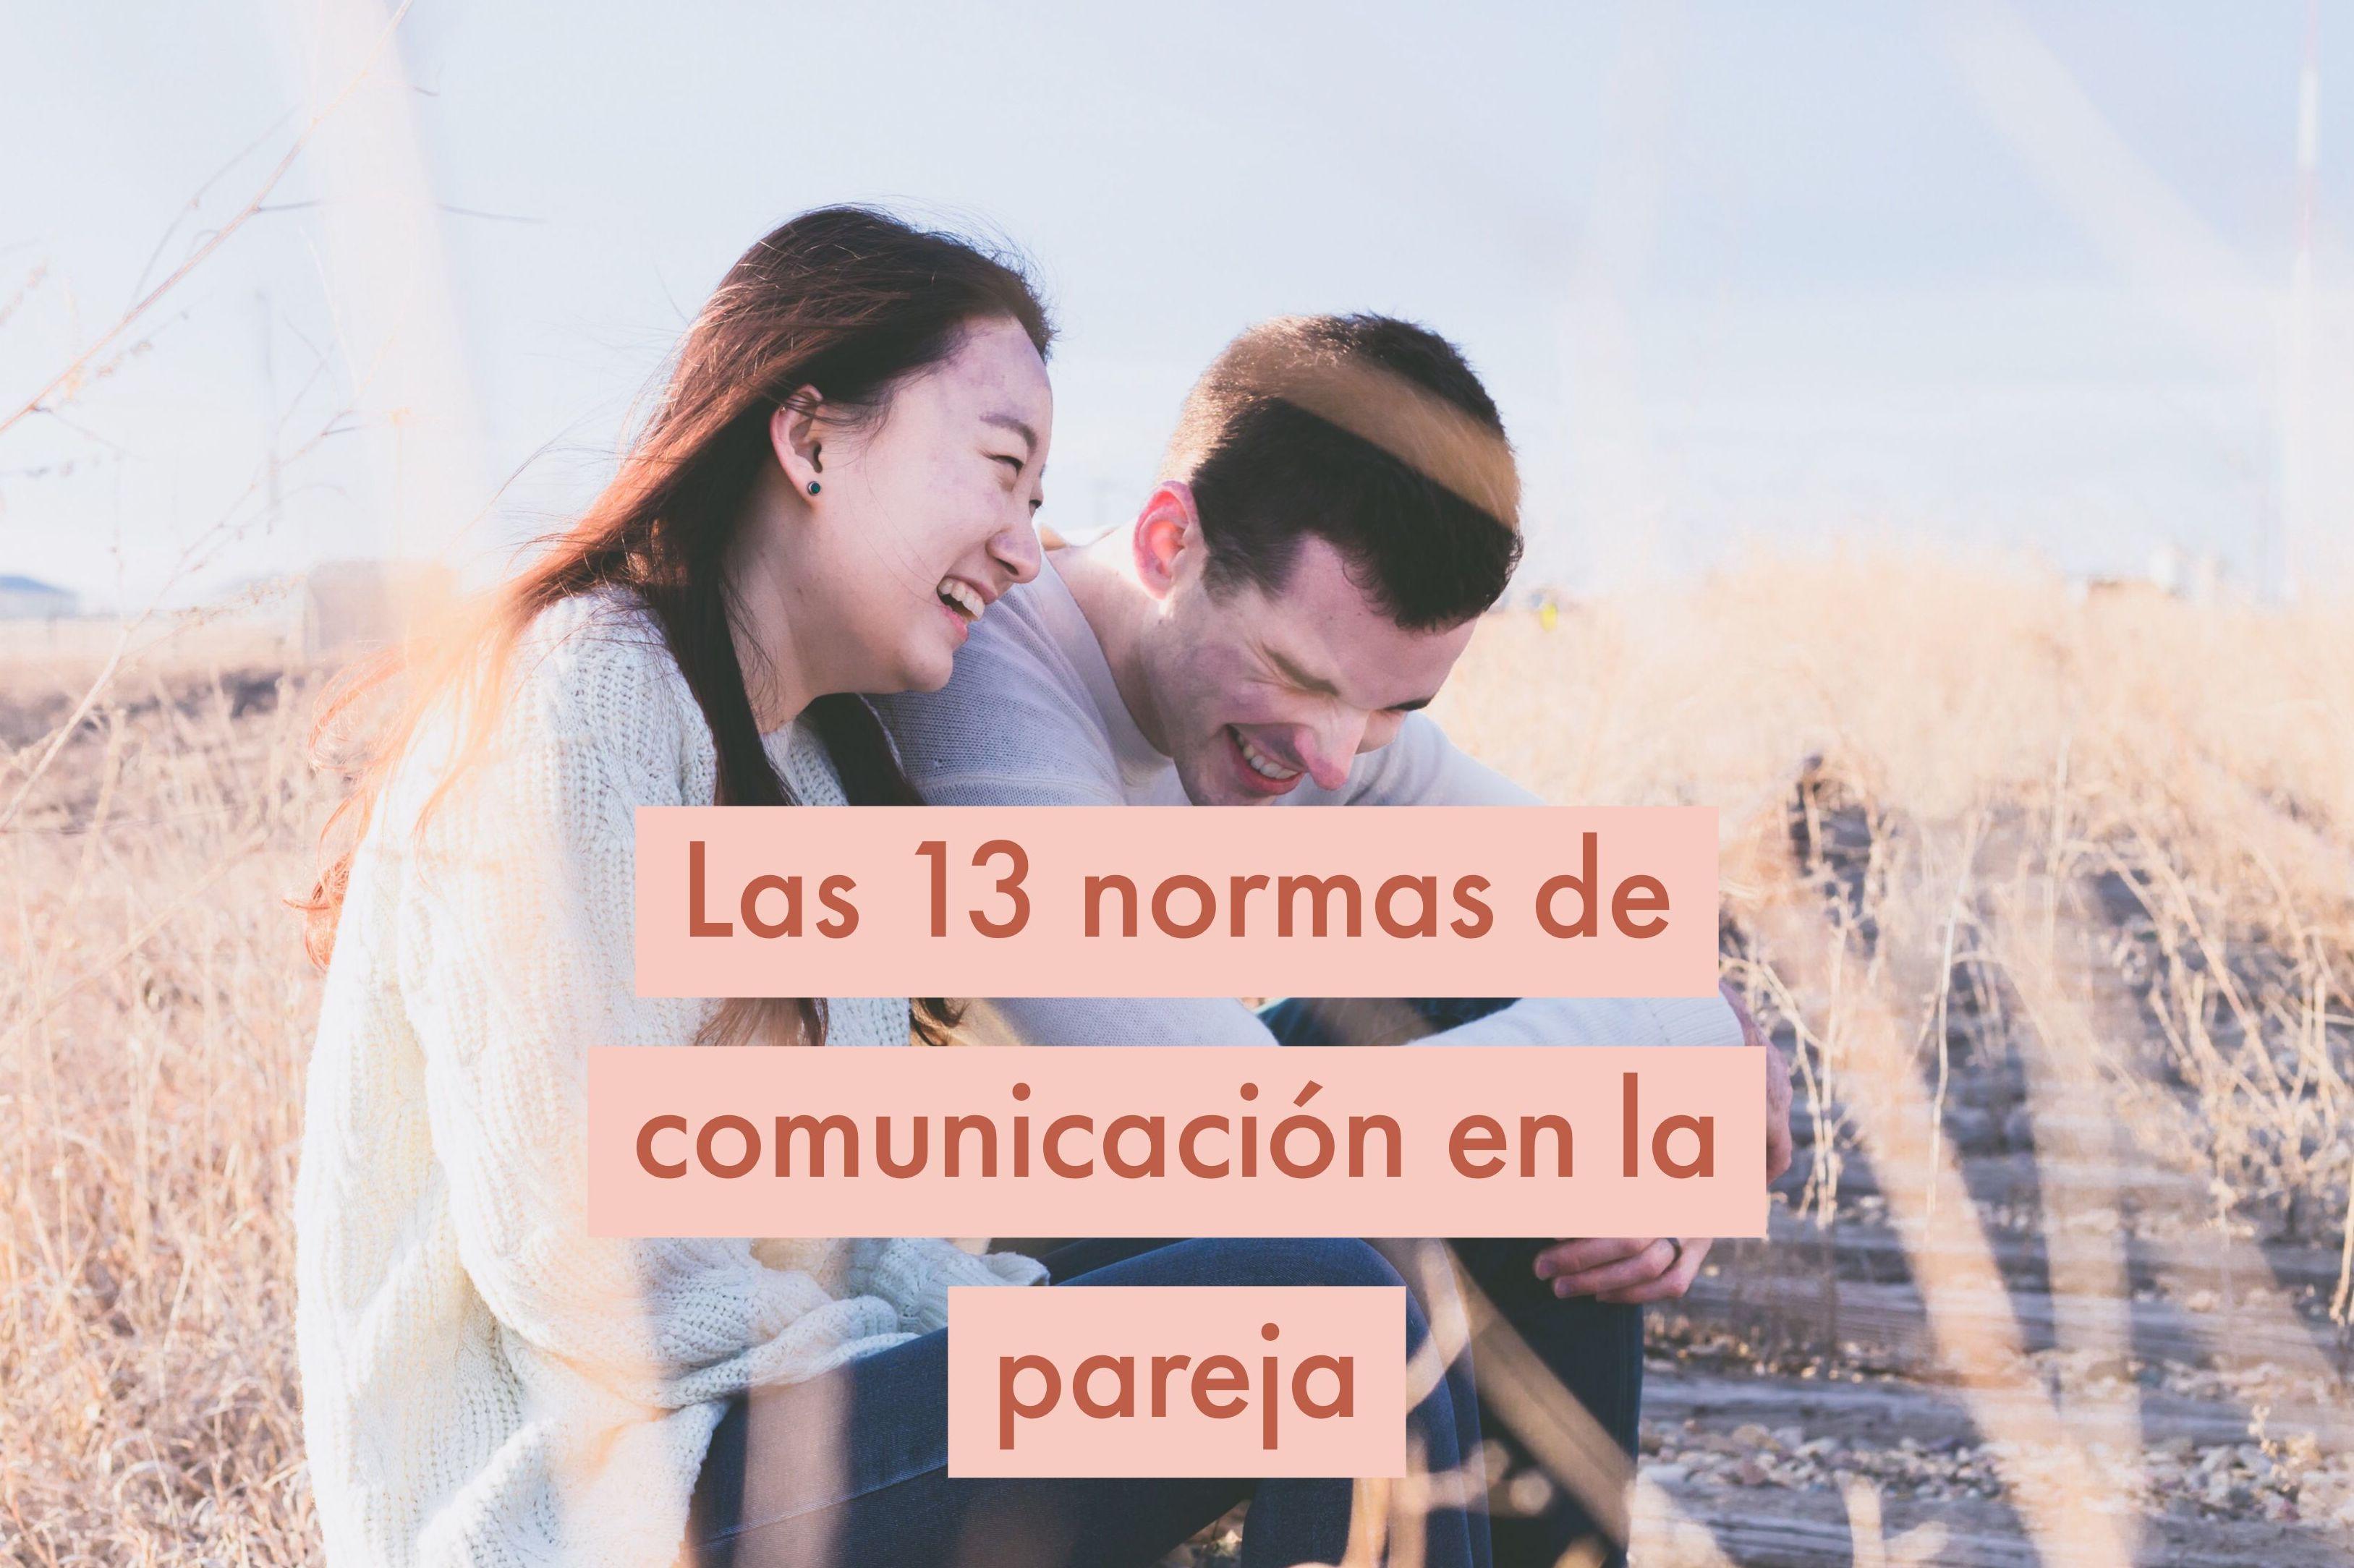 Las 13 normas de comunicación en la pareja